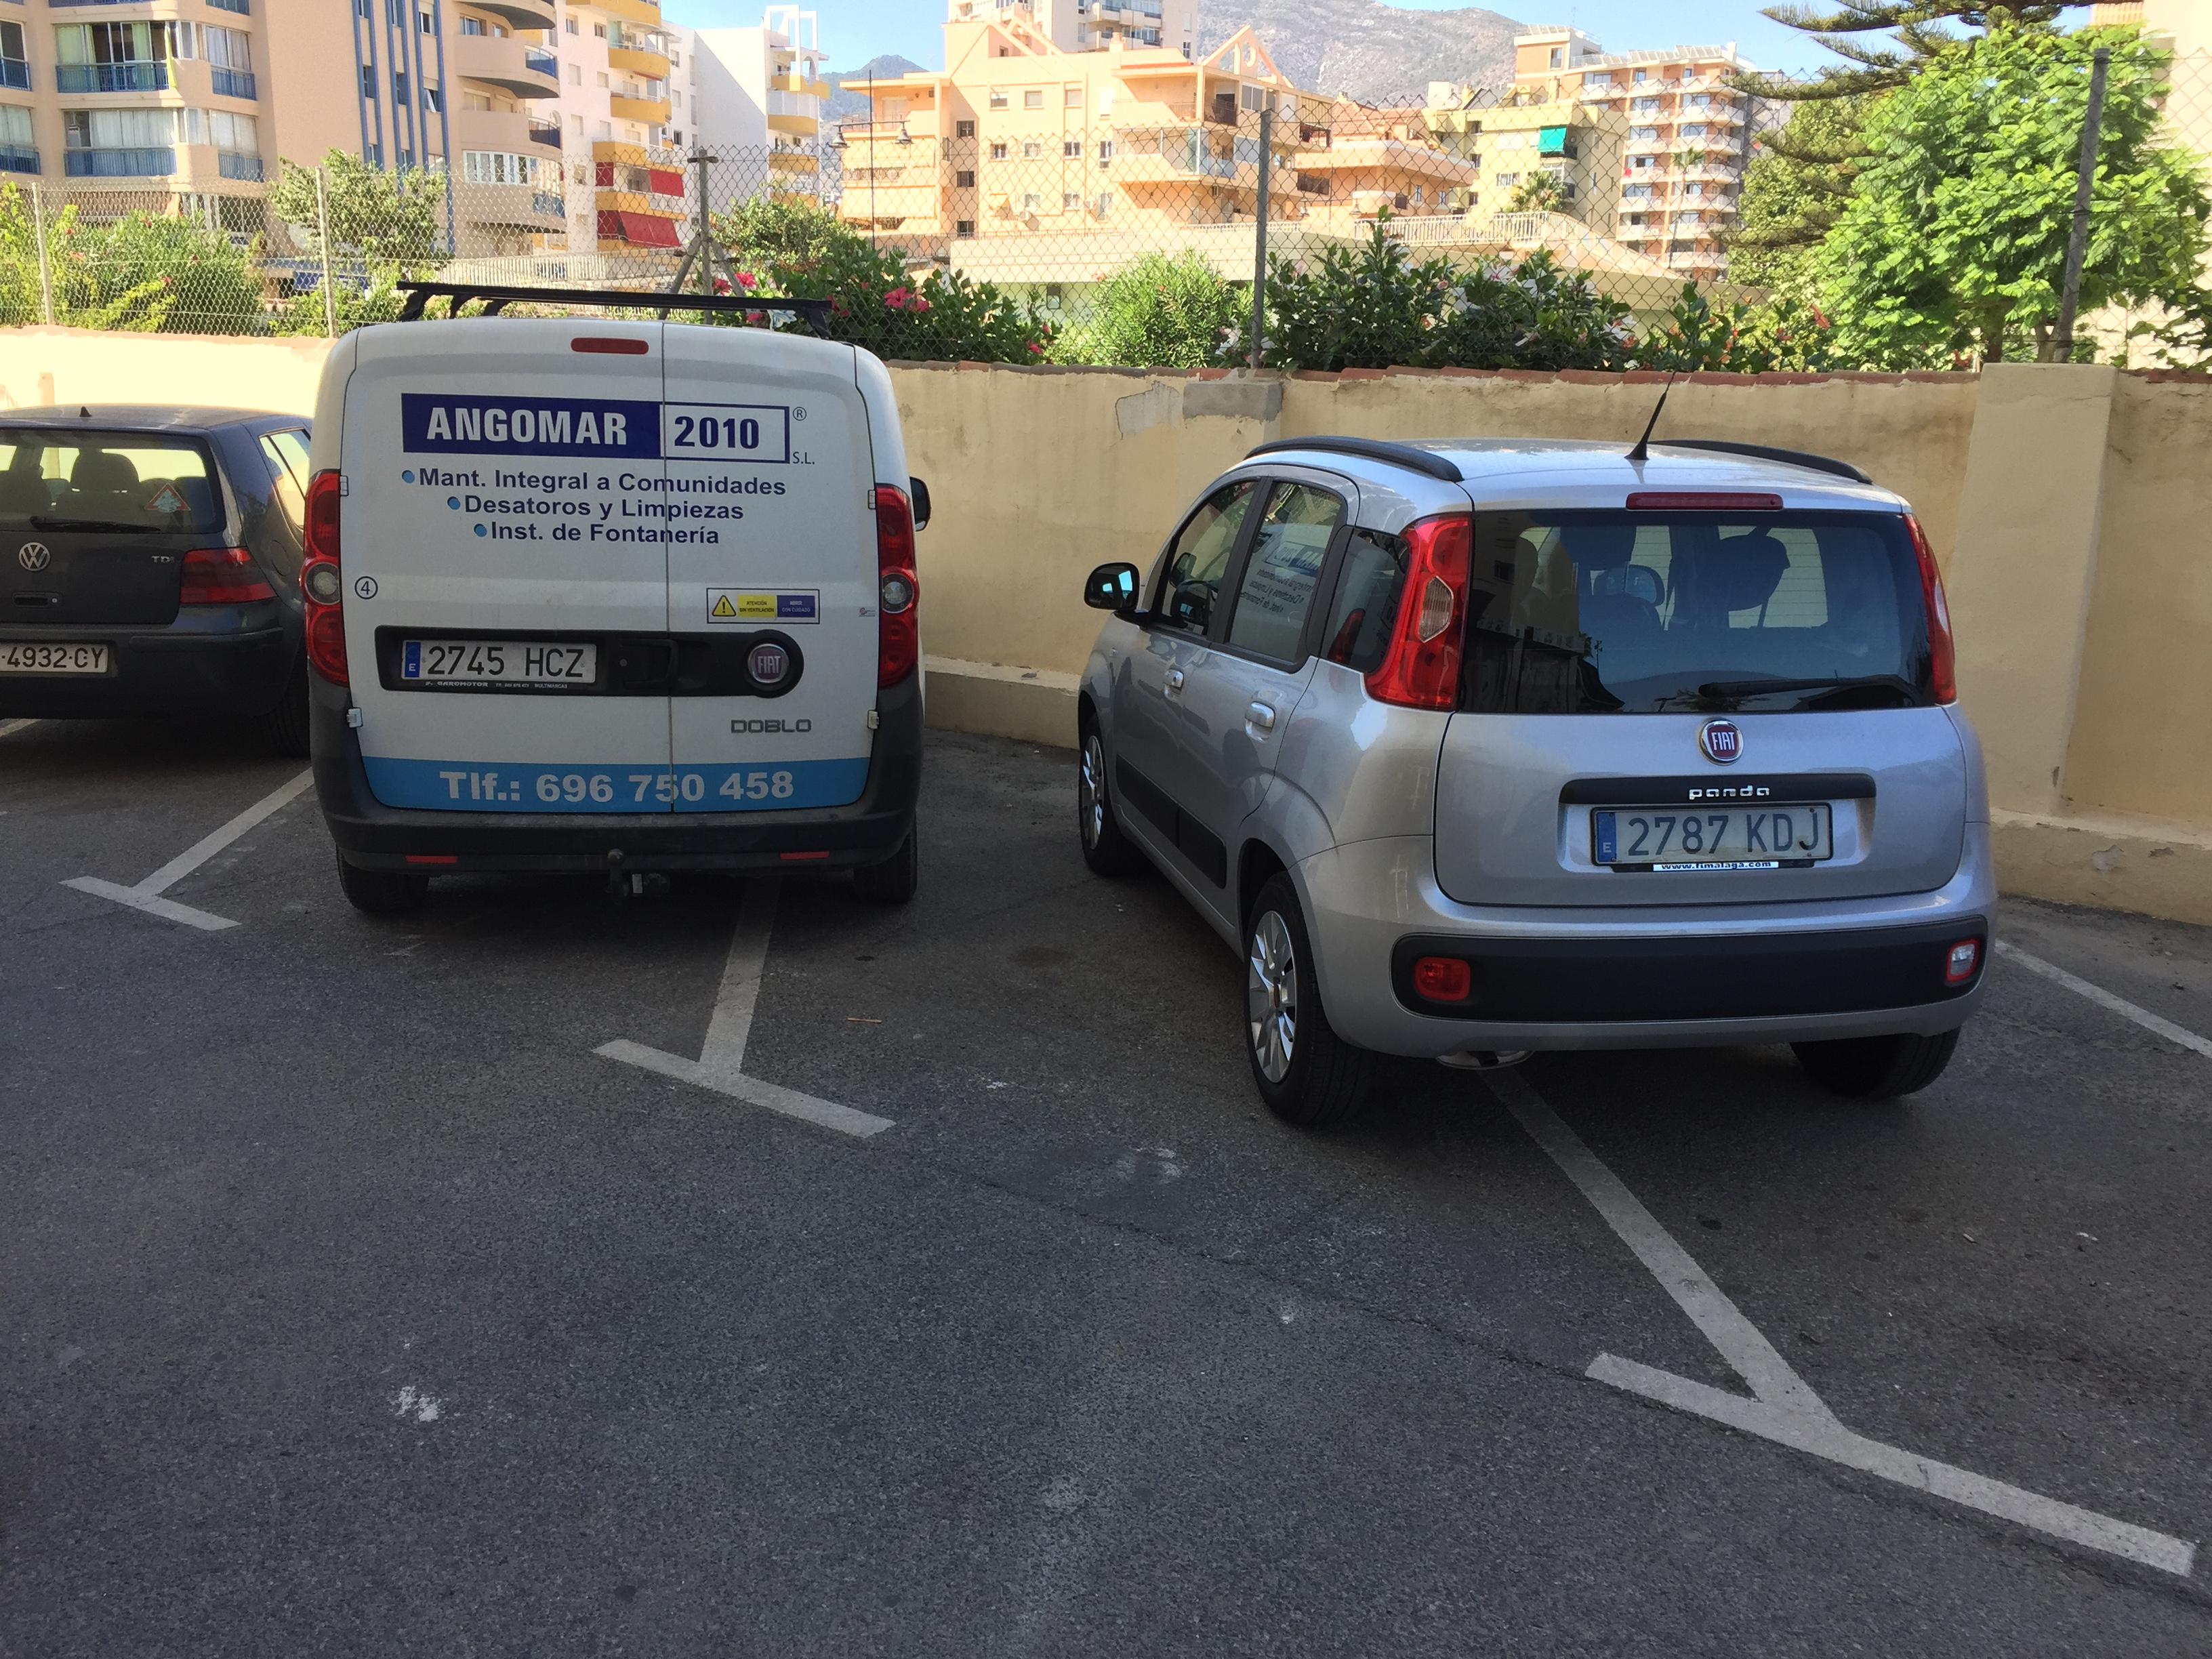 IMG_0333 SPANIAK PARKERING 29-07-2019